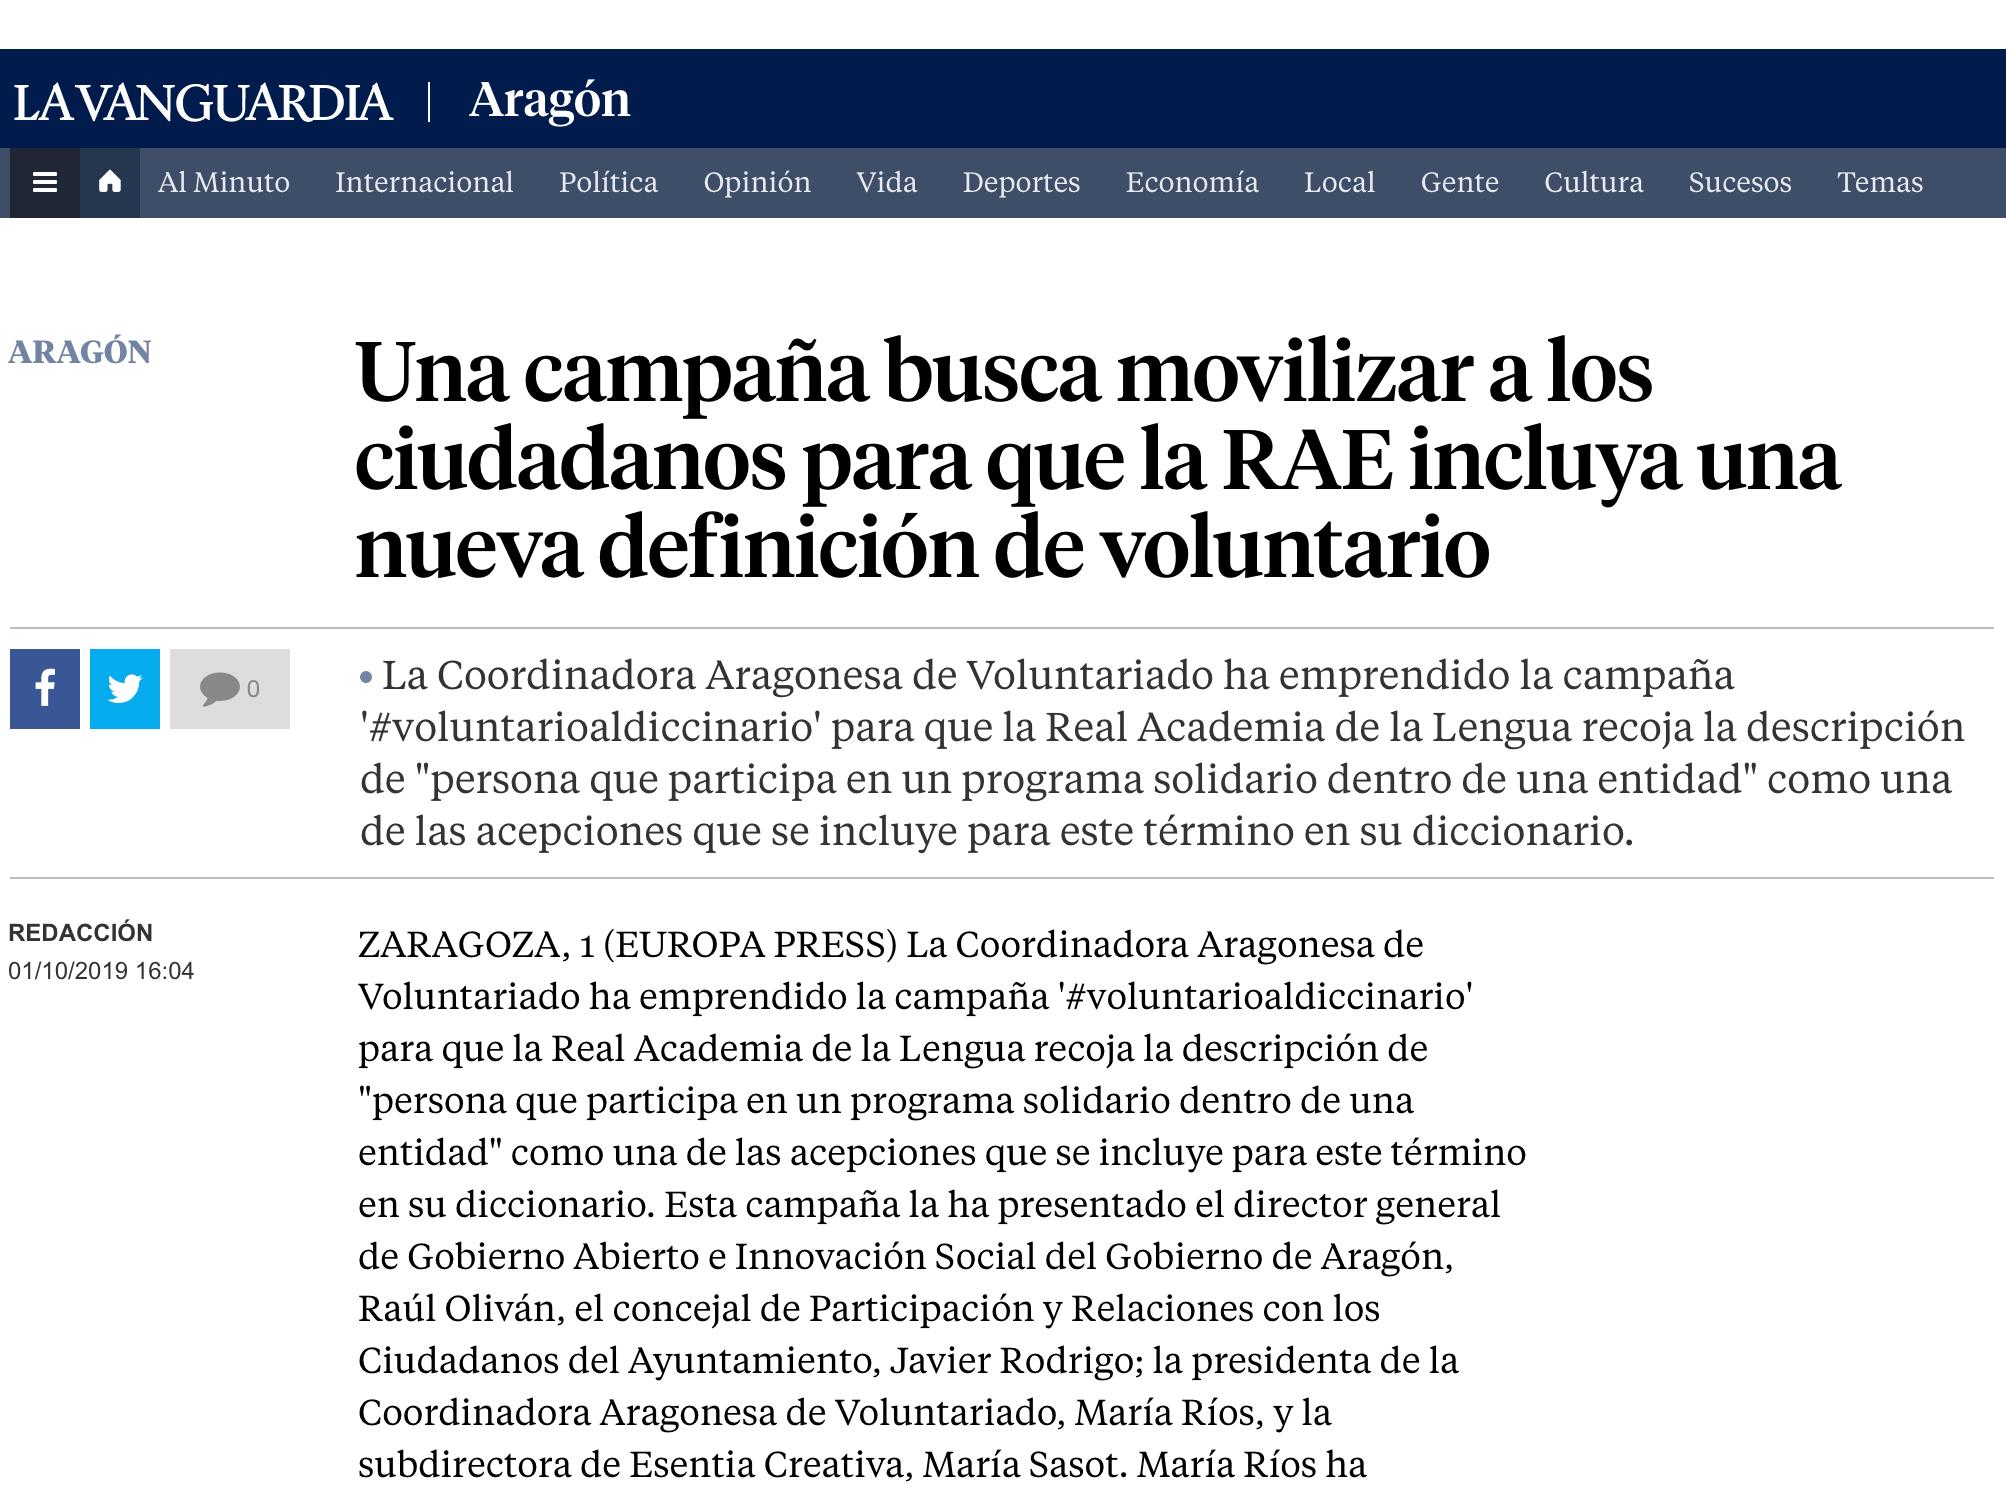 La Vanguardia: Una campaña busca movilizar a los ciudadanos para que la RAE incluya una nueva definición de voluntario.